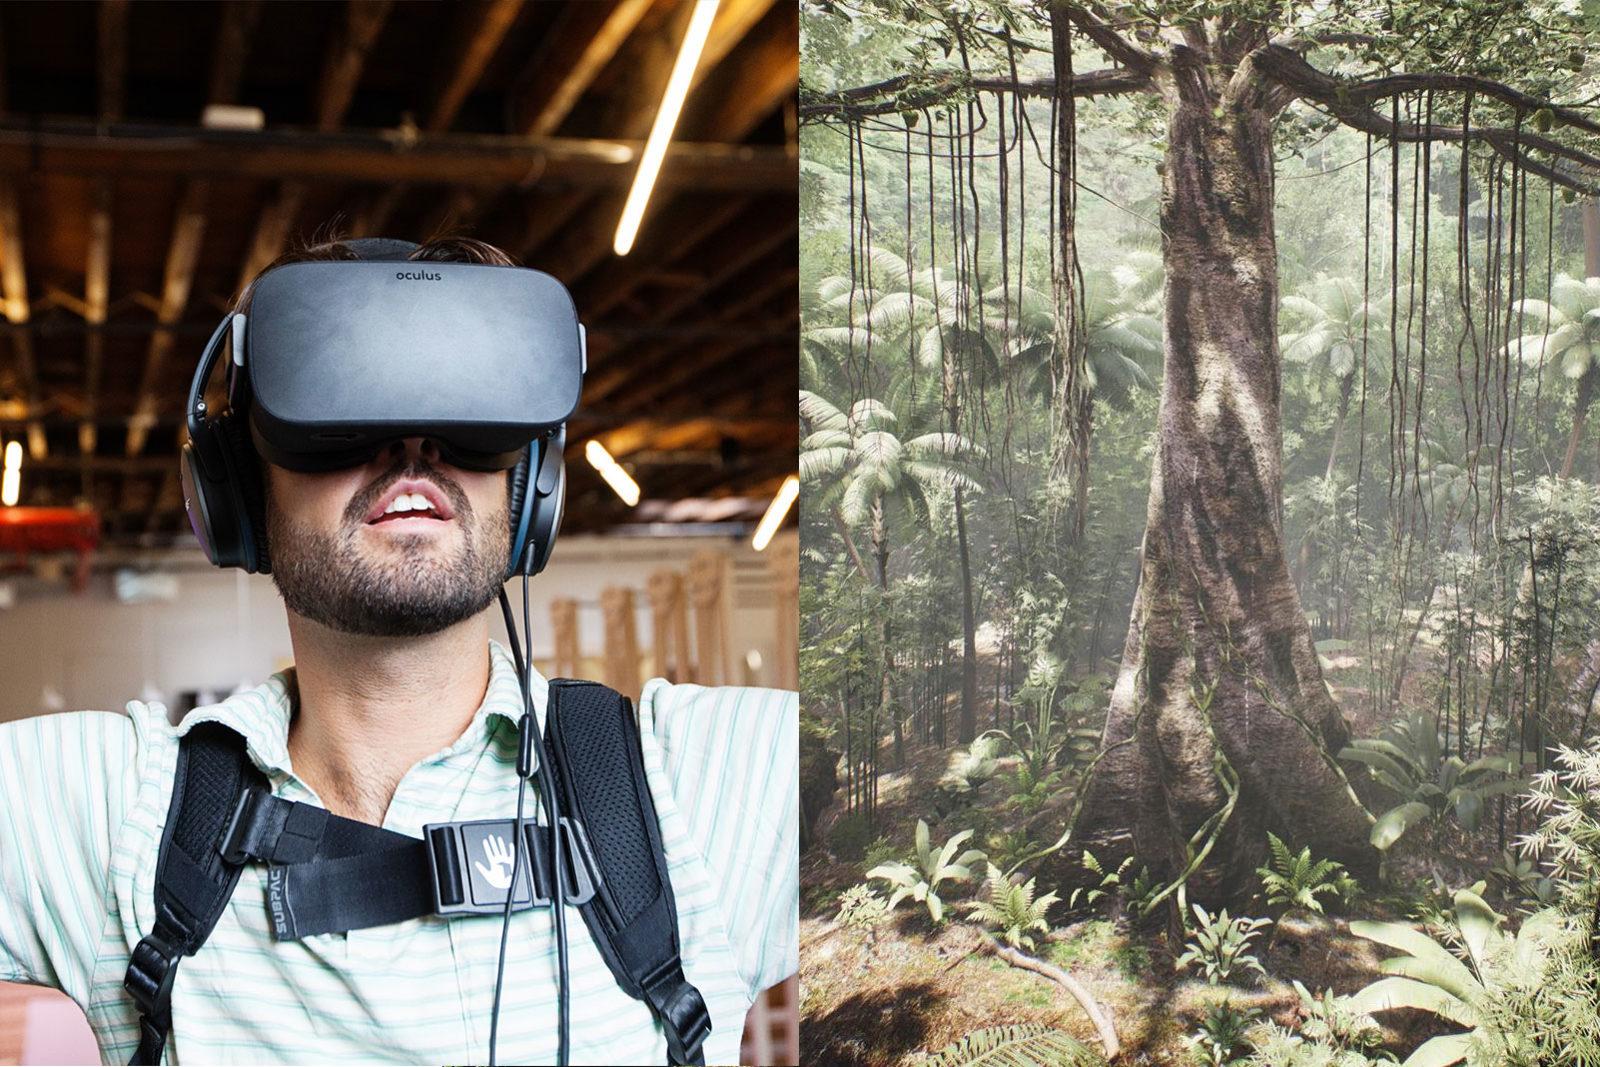 Nicht nur sehen, sondern auch fühlen: New Reality Co. entwerfen ...